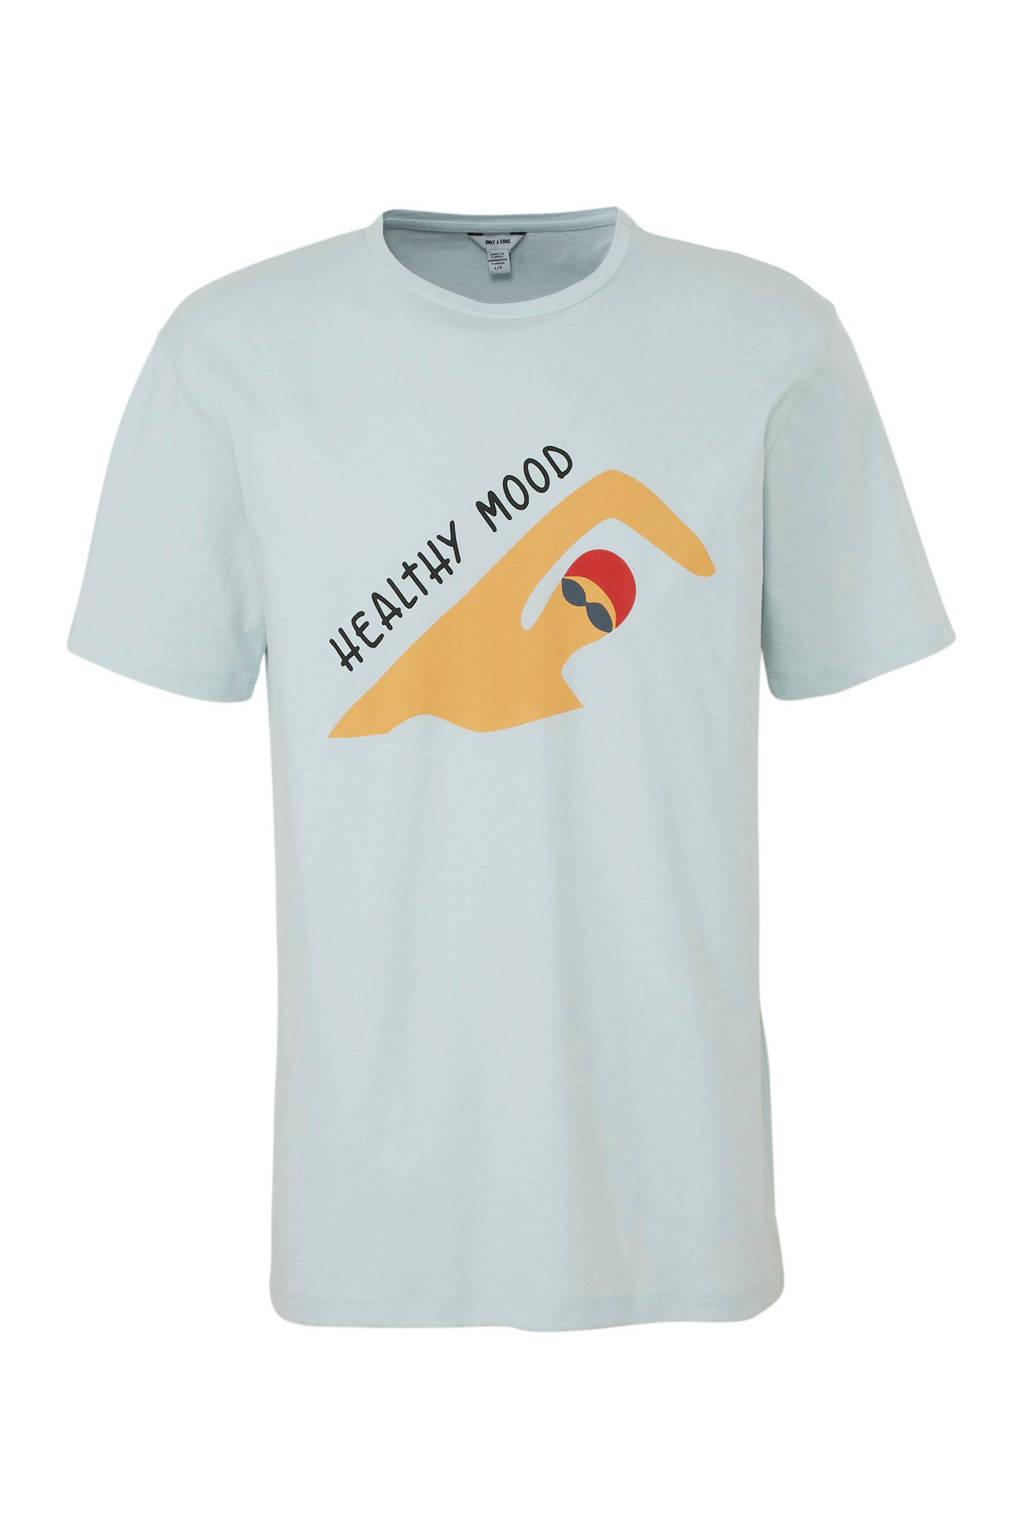 ONLY & SONS T-shirt met printopdruk grijsblauw, Grijsblauw